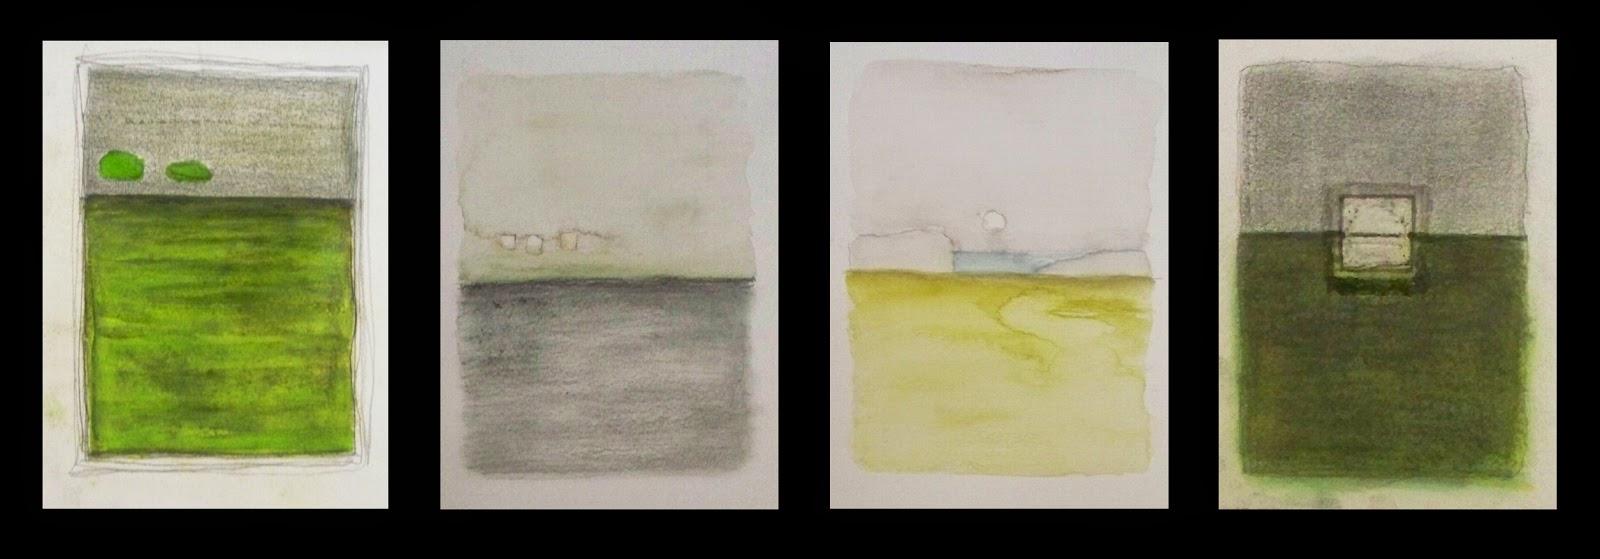 Pinturas abstractas de vanina martinez tecnicas mixtas for Imagenes de cuadros abstractos texturados